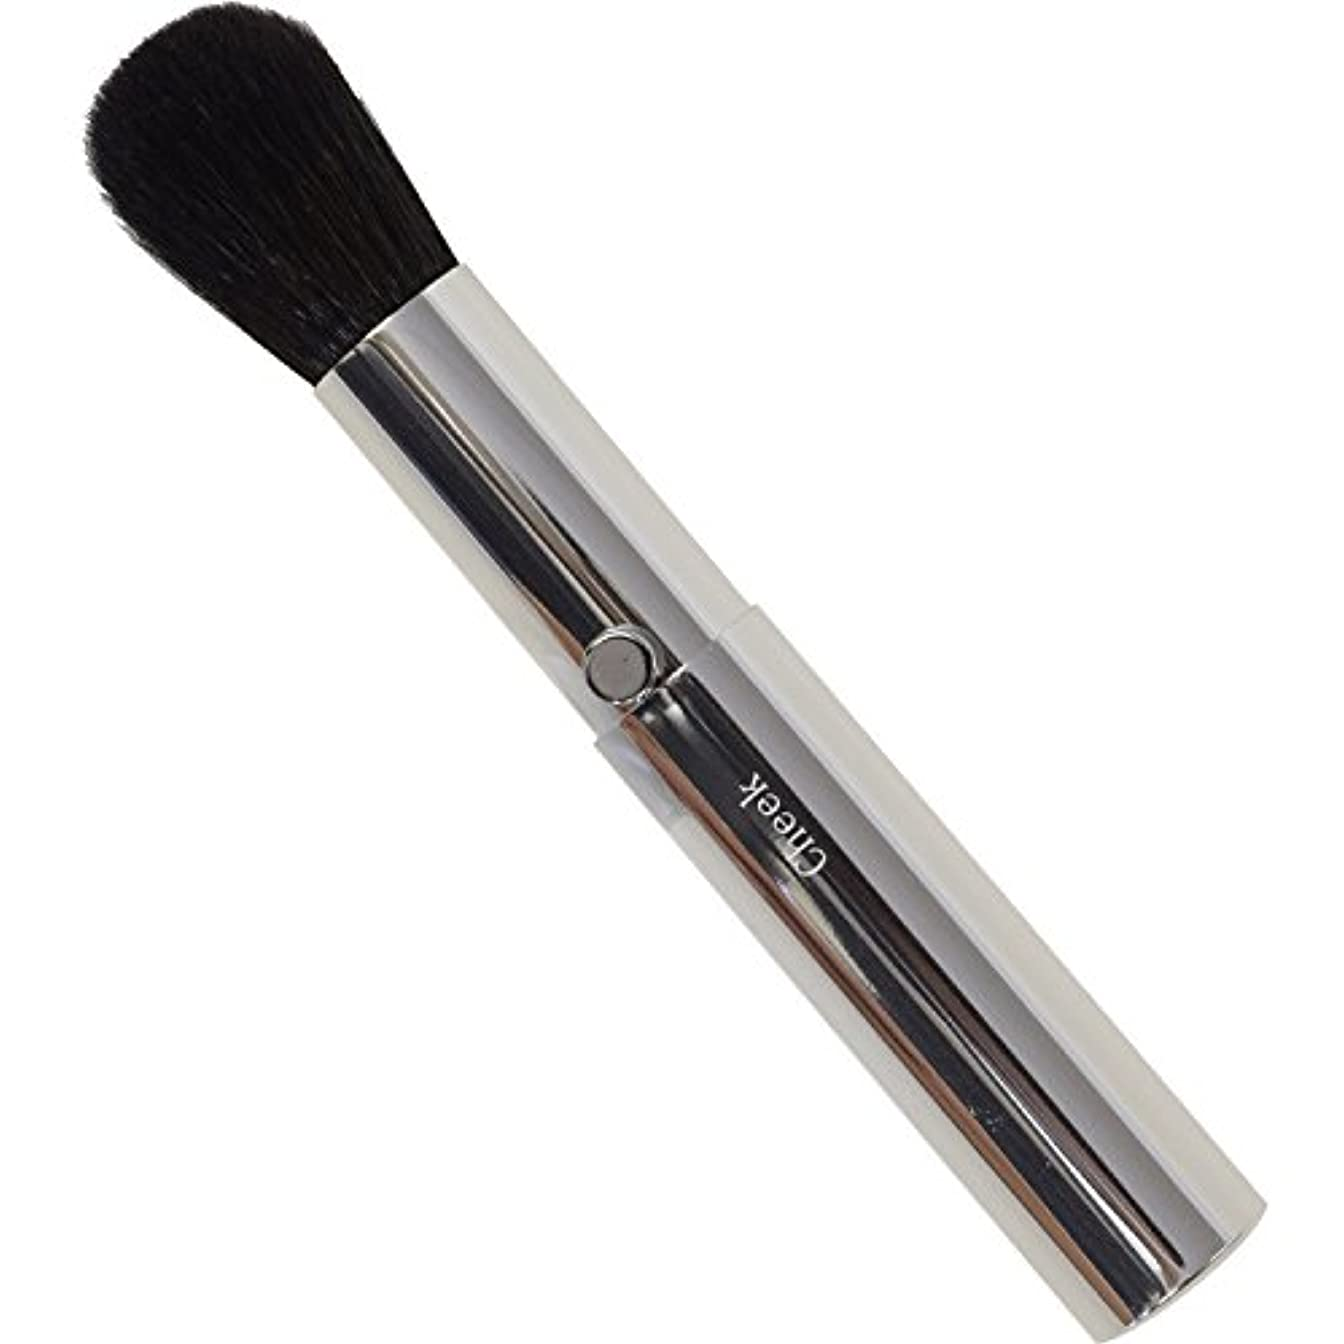 映画良さ決してSSS-C2 六角館さくら堂 スタイリッシュシンプルチークブラシ 粗光峰100% 高品質のスライドタイプ化粧筆